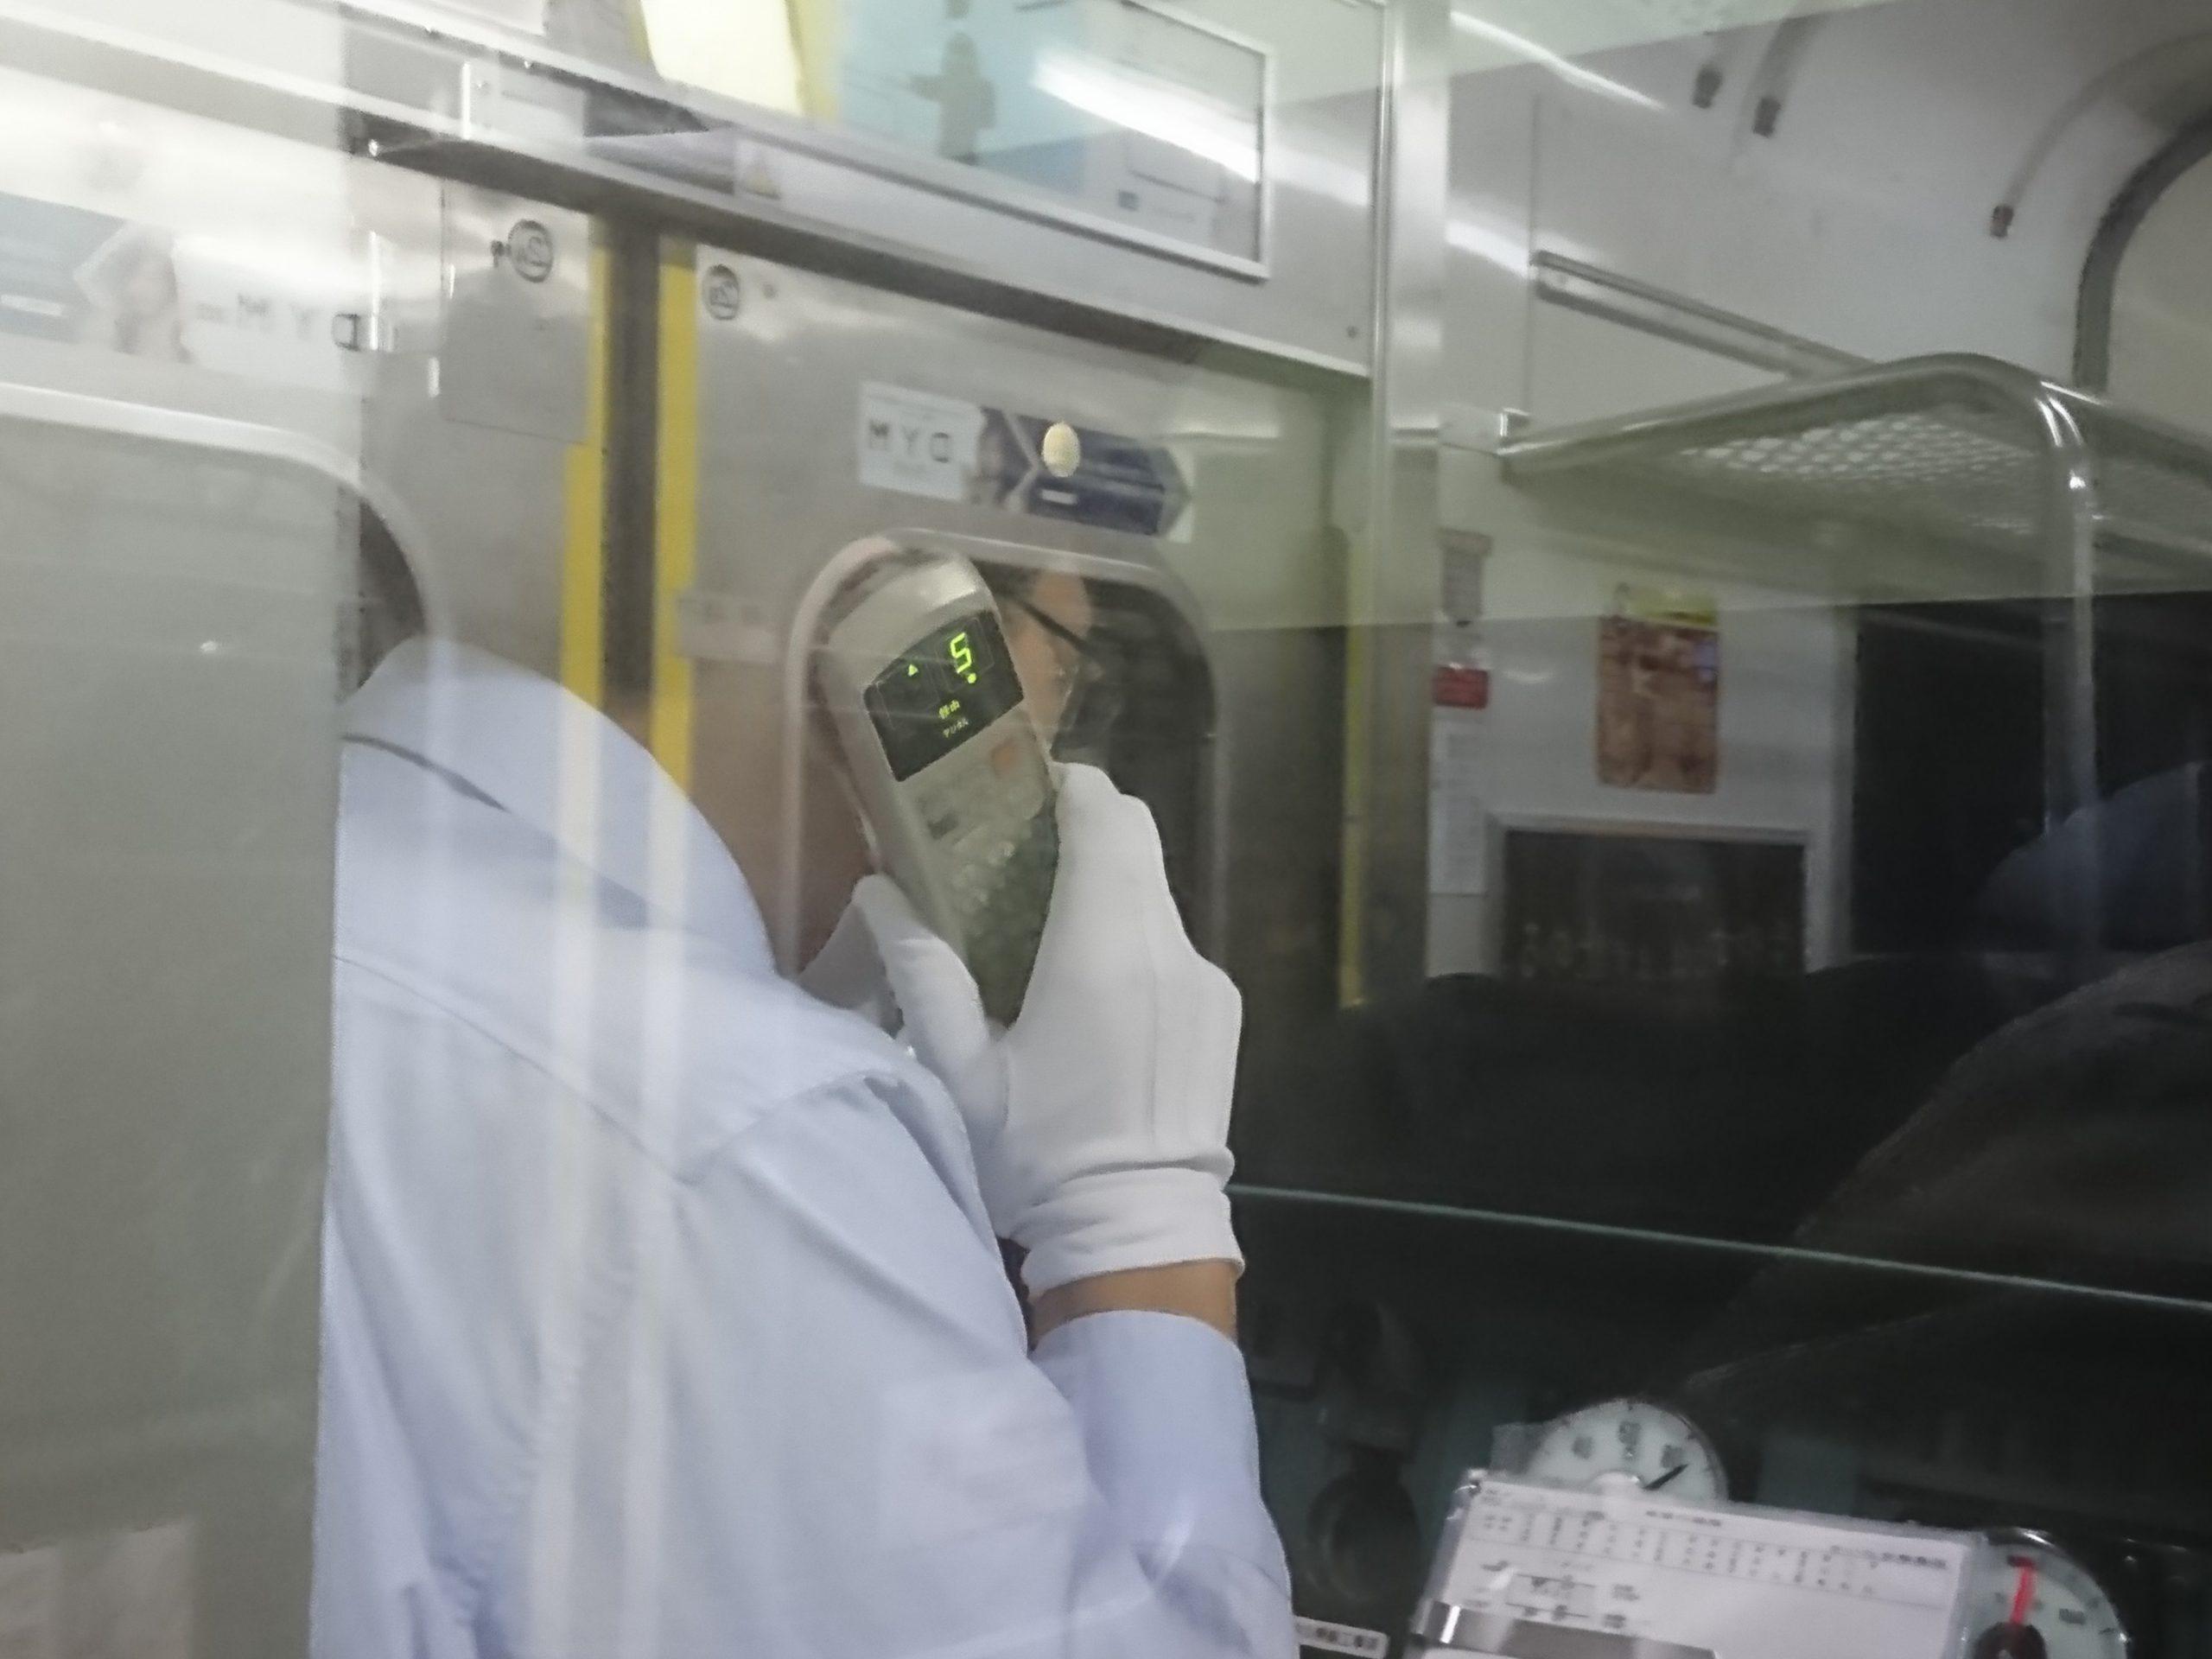 【接触事故】撮り鉄が動いている205系に接触 ついに事故を起こしてしまう